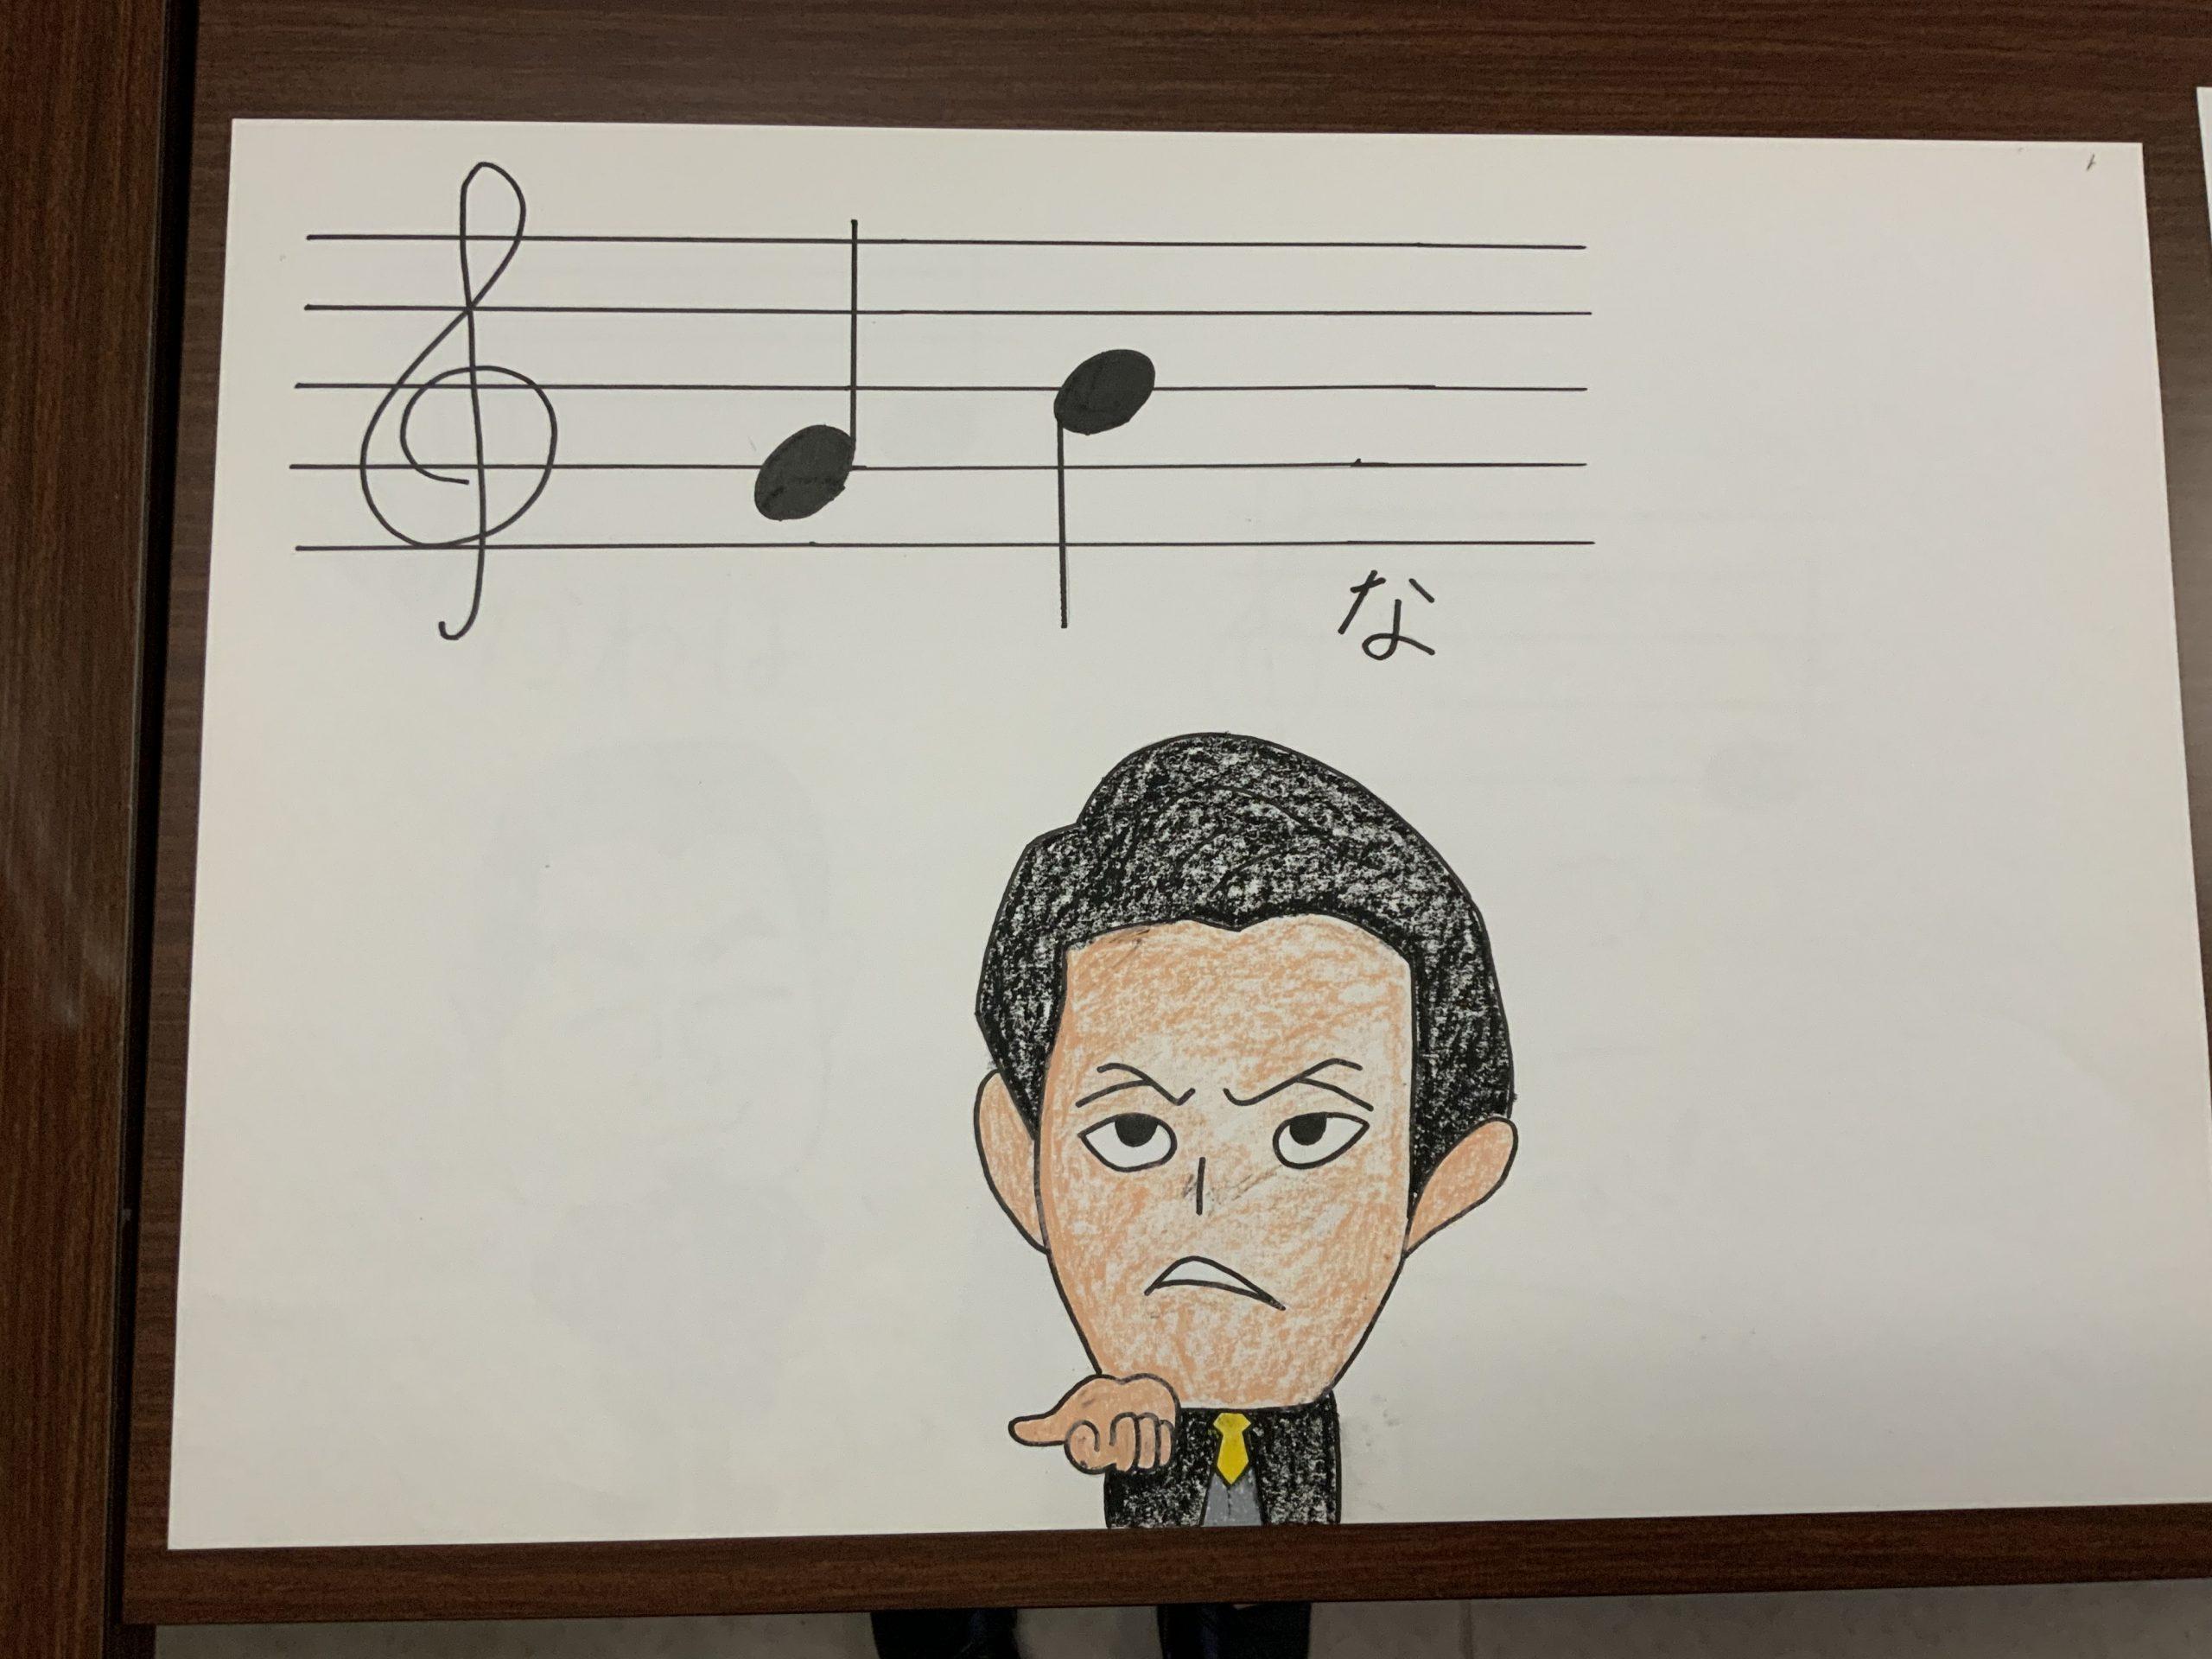 楽譜が読めるように、、、